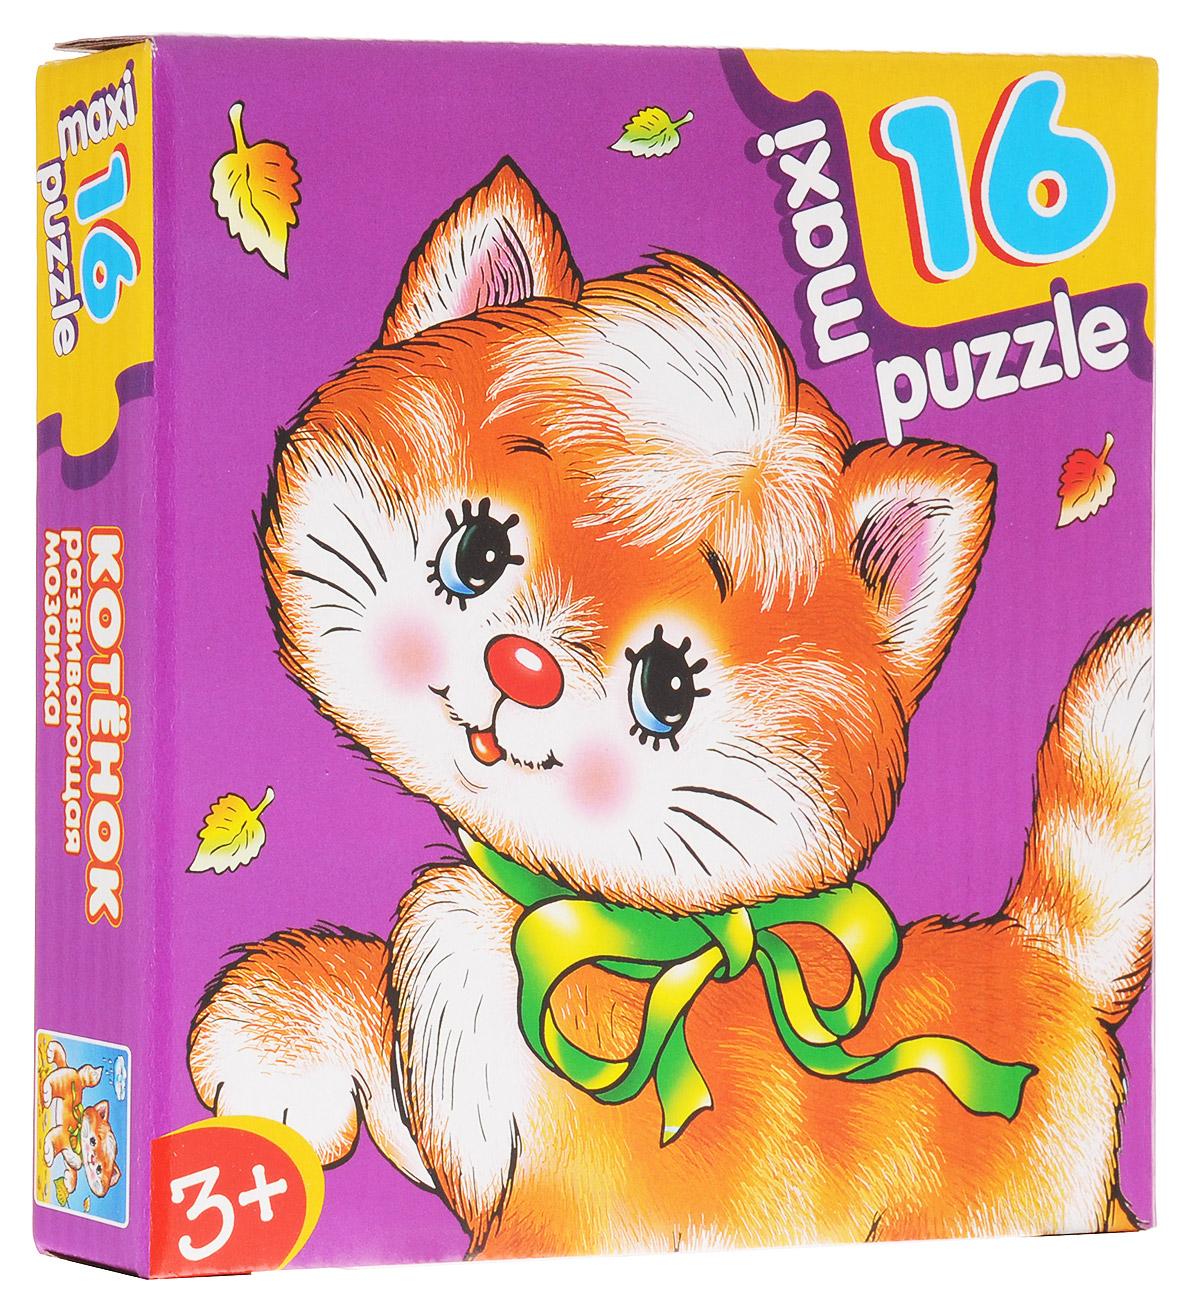 Дрофа-Медиа Пазл для малышей Котенок пазл 3 элемента дрофа для самых маленьких любимые игрушки 1090